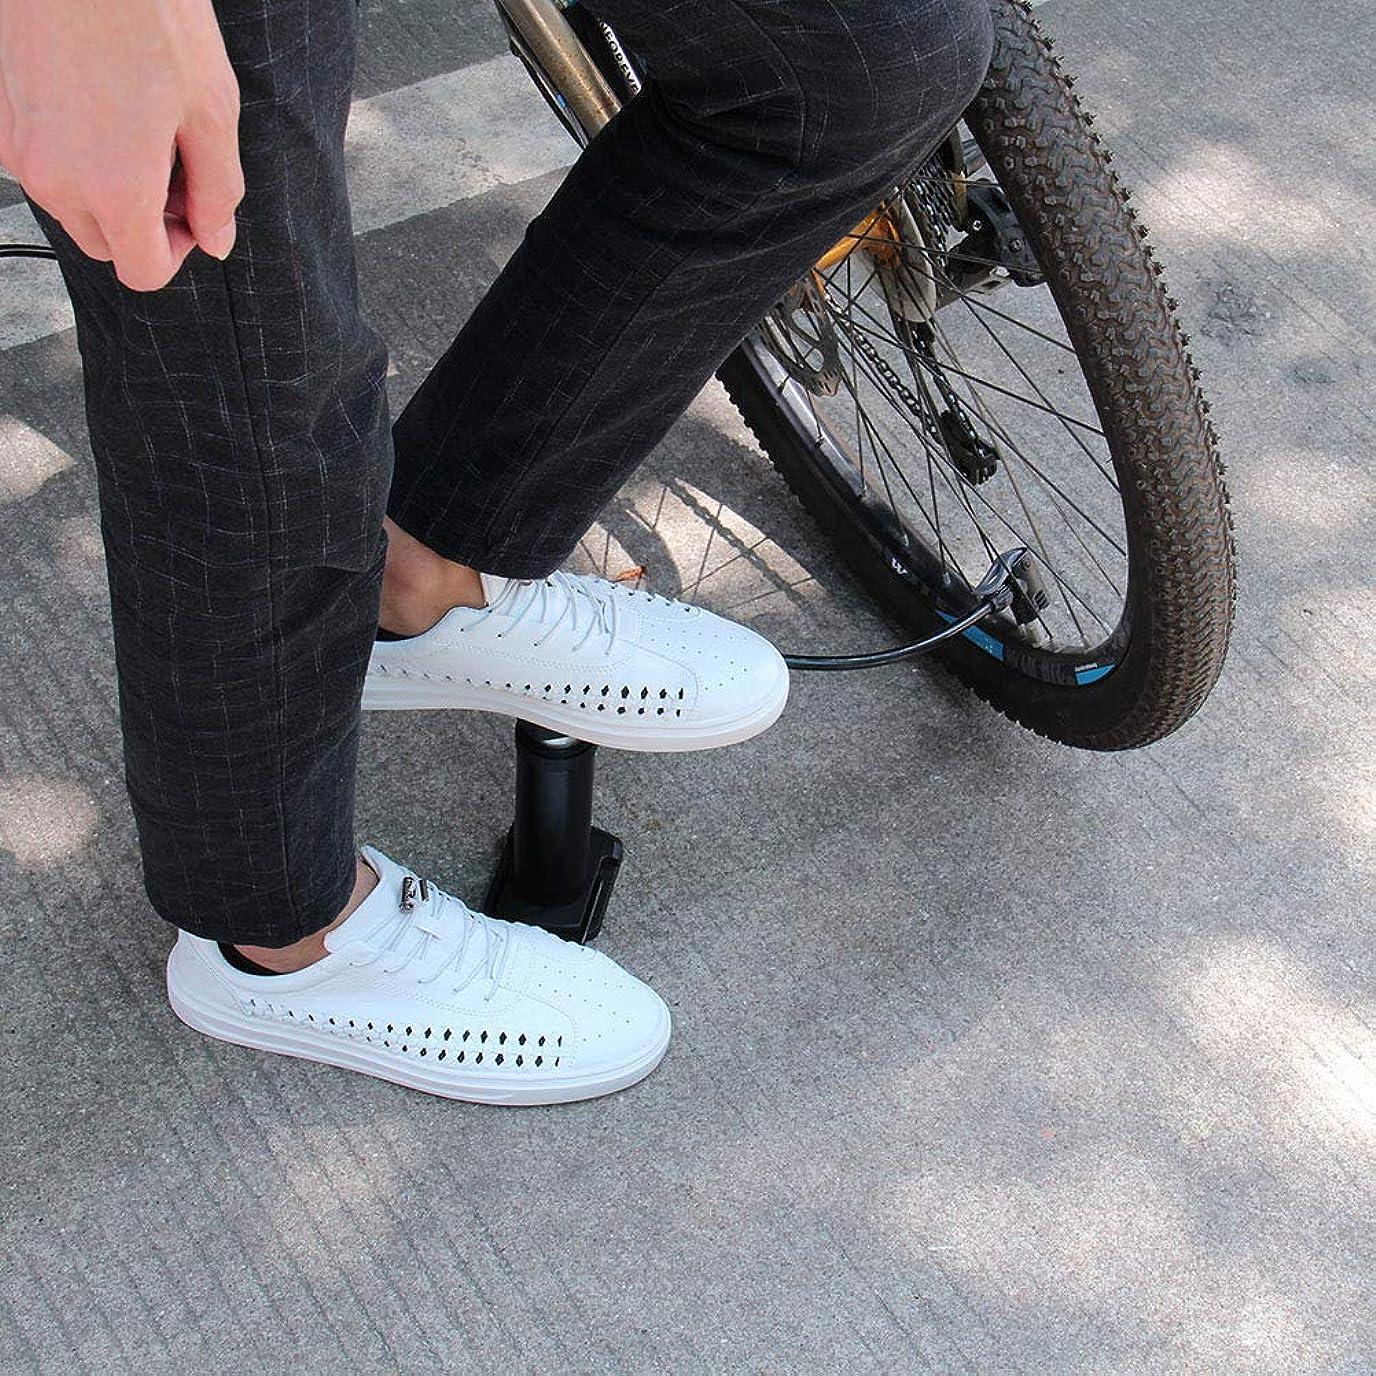 下着佐賀右BOMEON バイクポンプ - ポータブルミニバイクフロアポンプ フットアクティベート 自転車タイヤ&エアポンプ 仏式&米式バルブ対応 アルミニウム合金 バレルフリーガスニードル